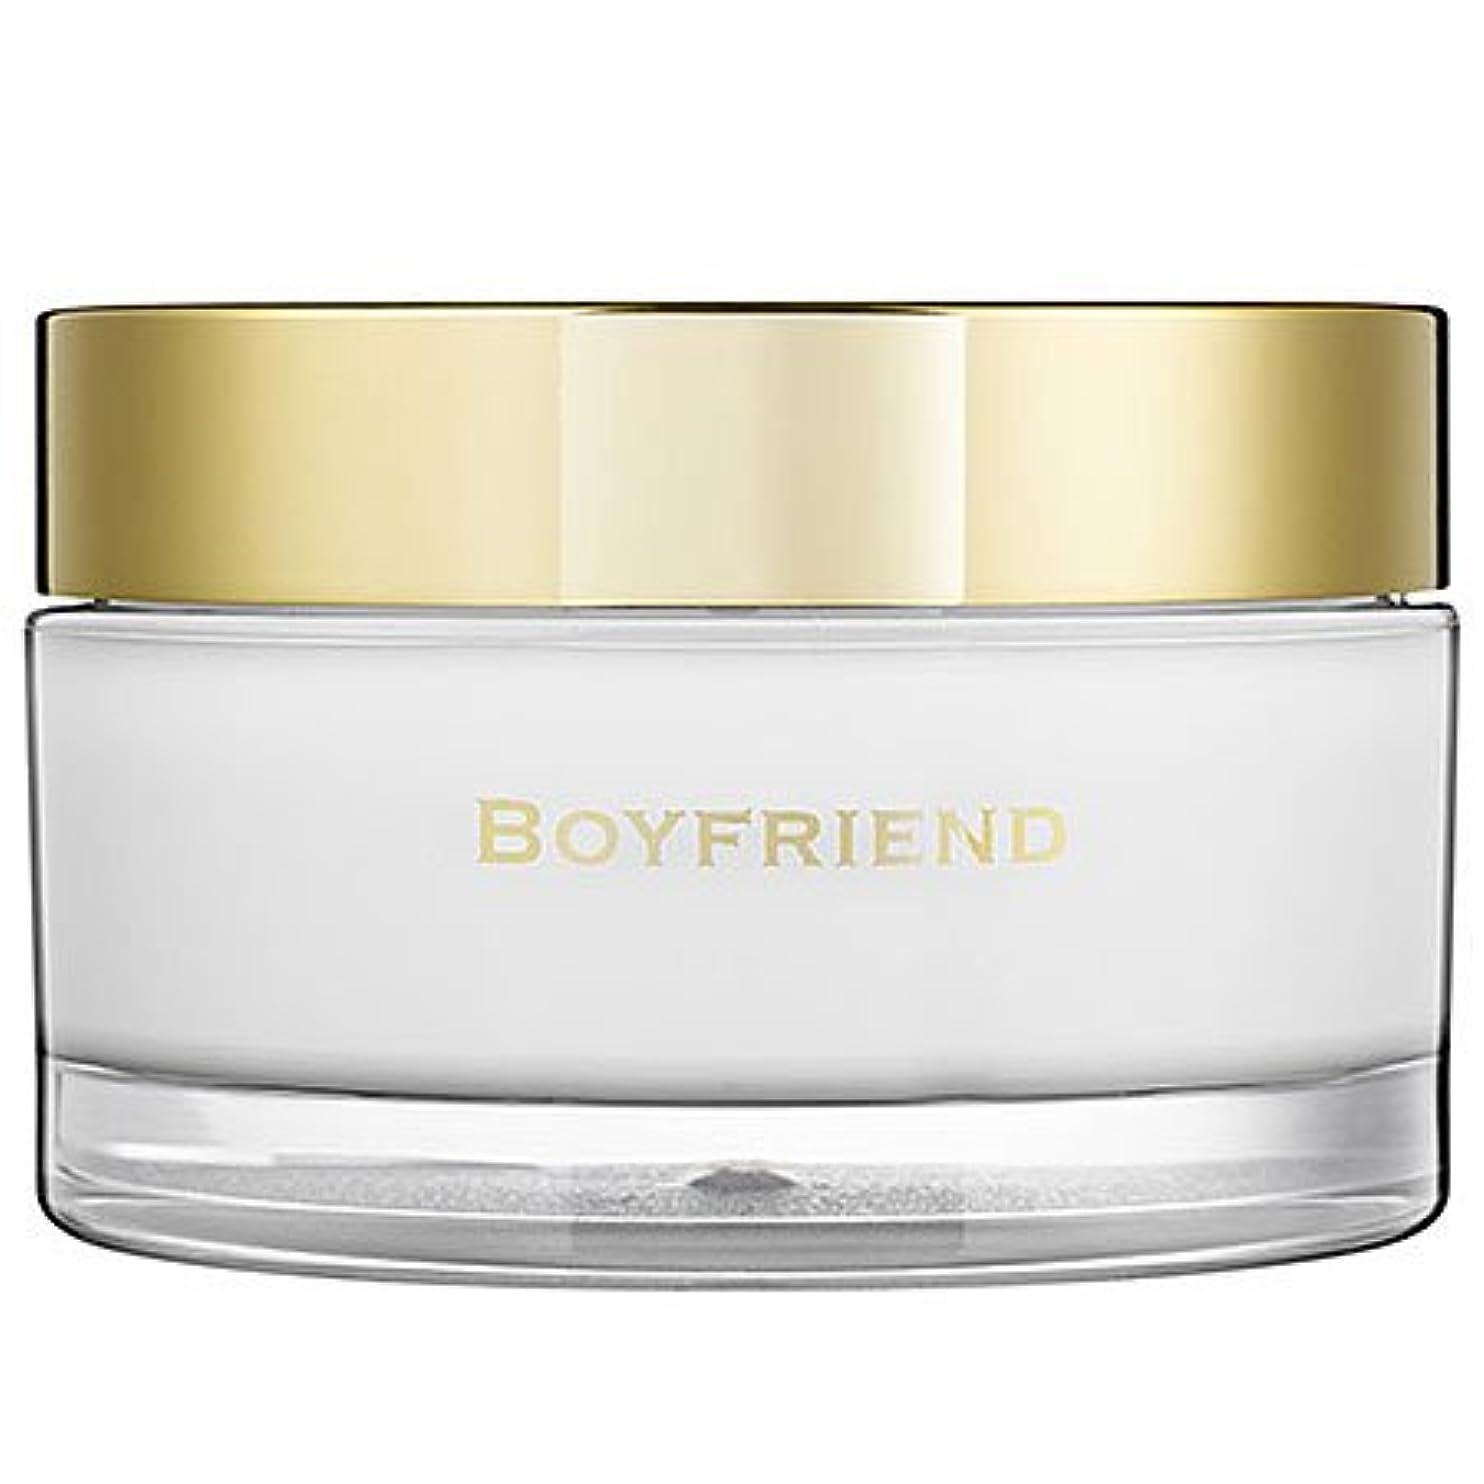 爬虫類診断する壮大なBoyfriend (ボーイフレンド) 6.7 oz (200ml) Body Cream by Kate Walsh for Women